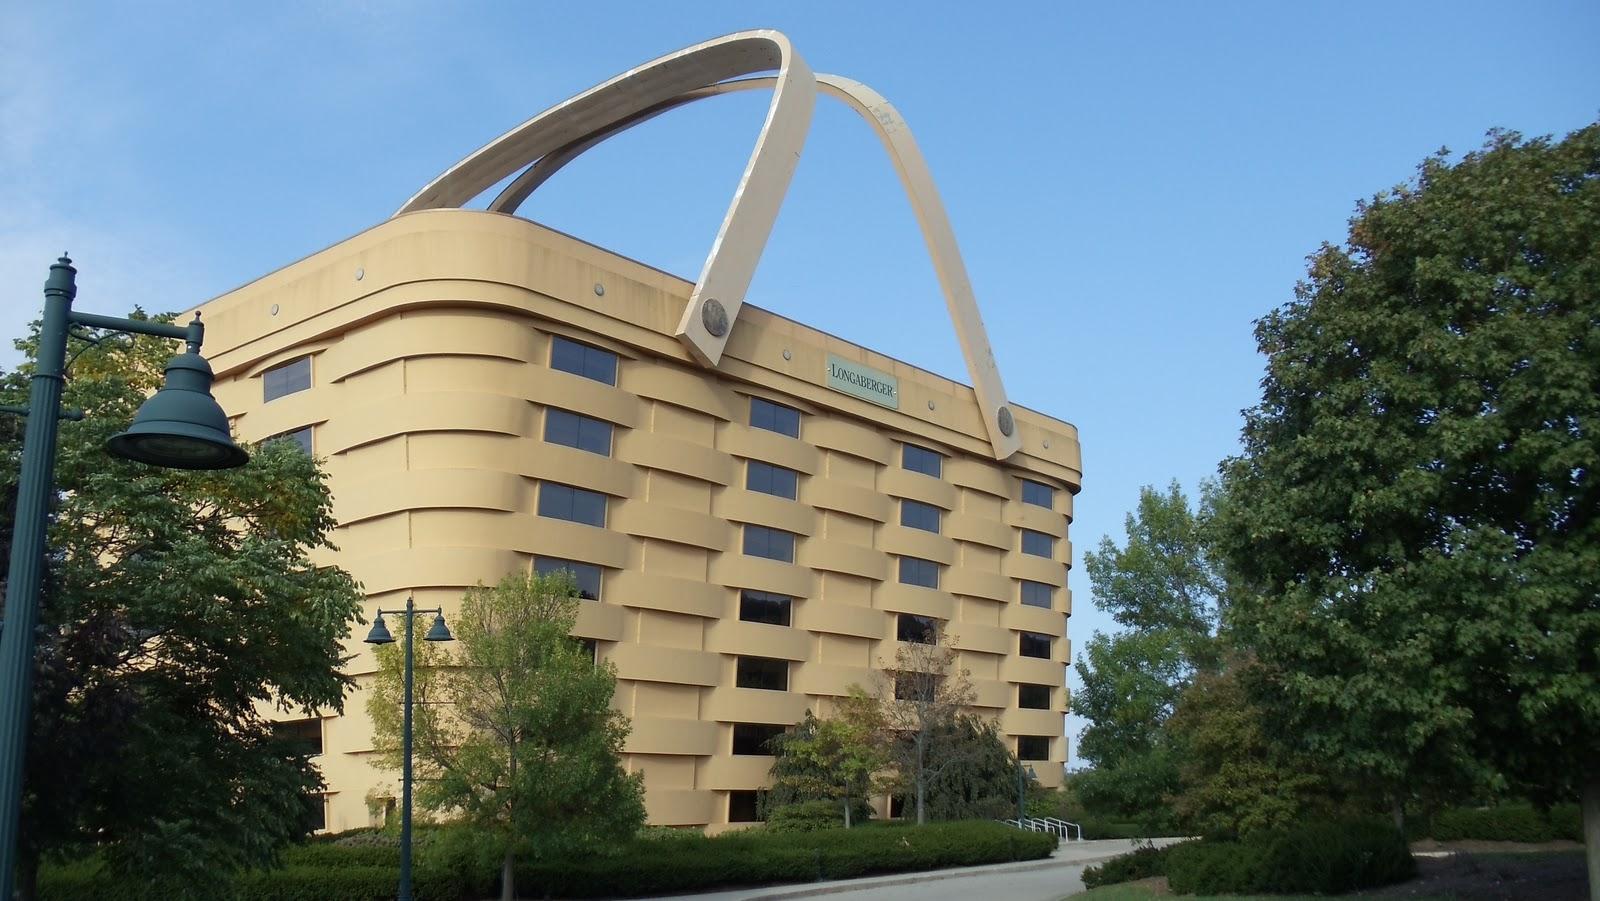 Jim and bev a tisket a tasket Longaberger basket building for sale